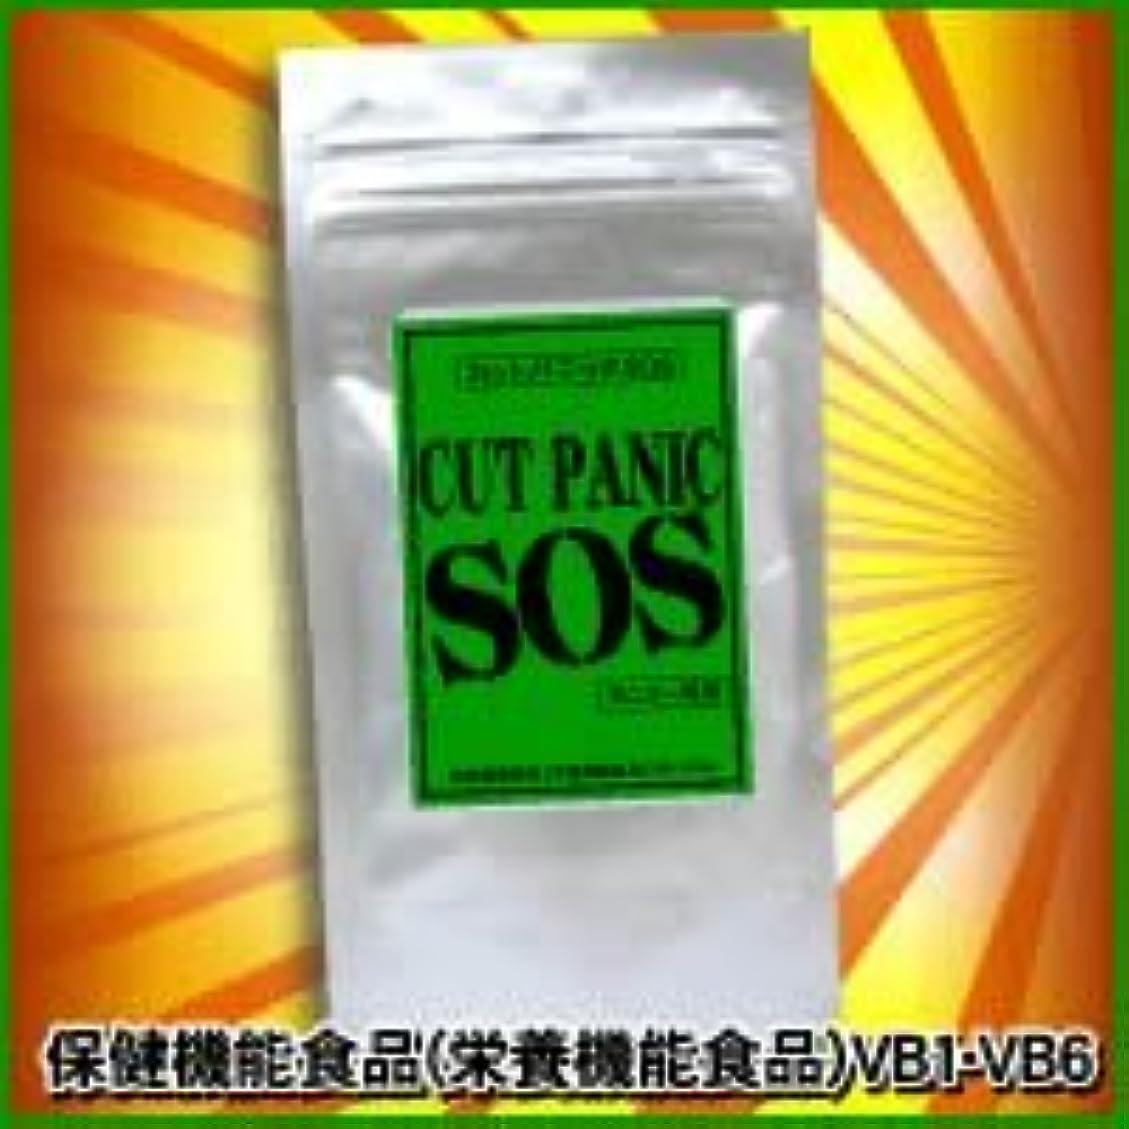 条件付き黒快いパニックSOS シリーズ (カット)